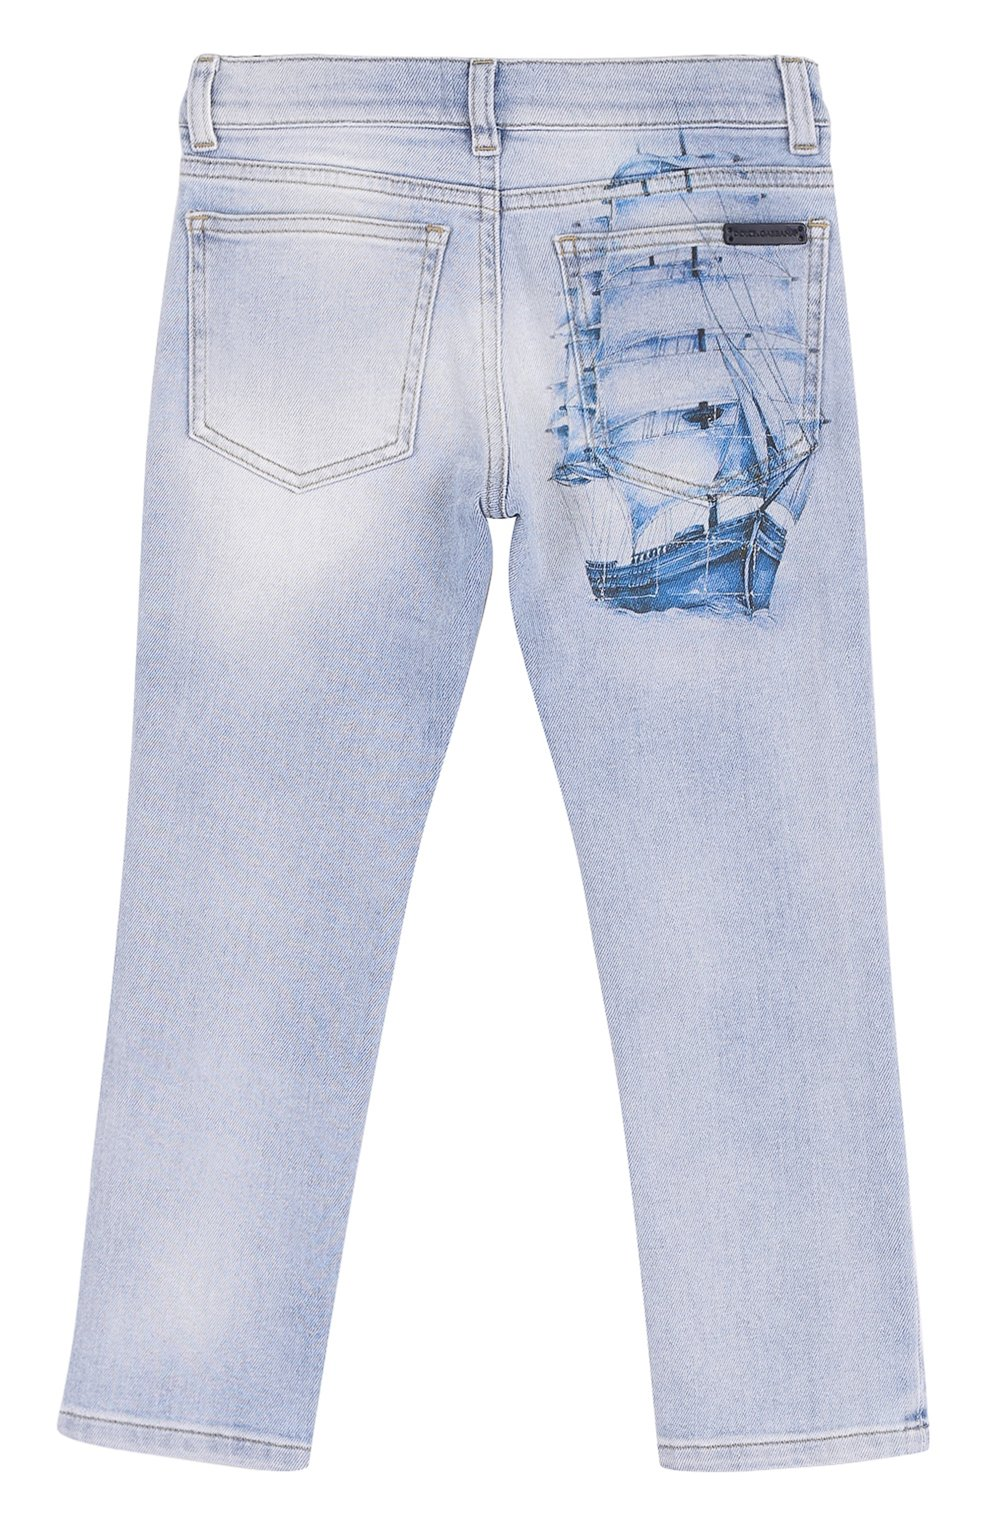 Детские джинсы прямого кроя с принтом и декоративными потертостями Dolce & Gabbana светло-голубого цвета | Фото №2